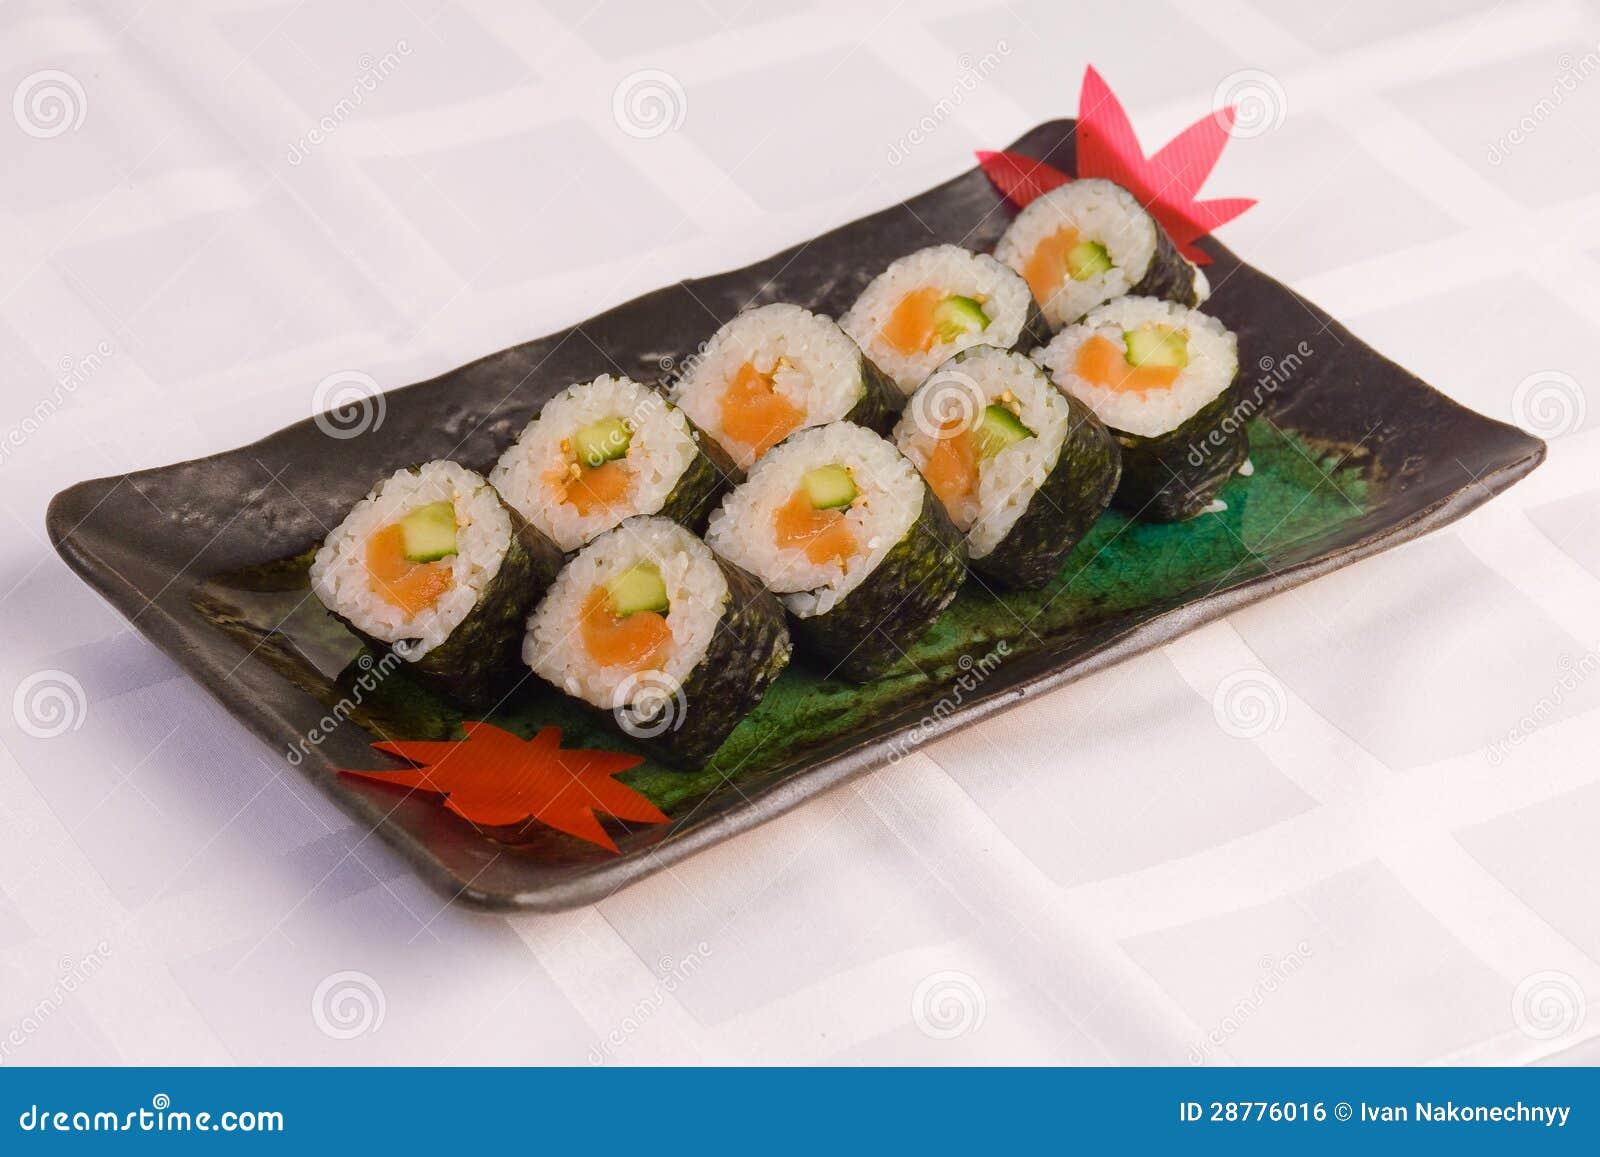 Japanese Basics: How to make Japanese-style plain rice and sushi rice